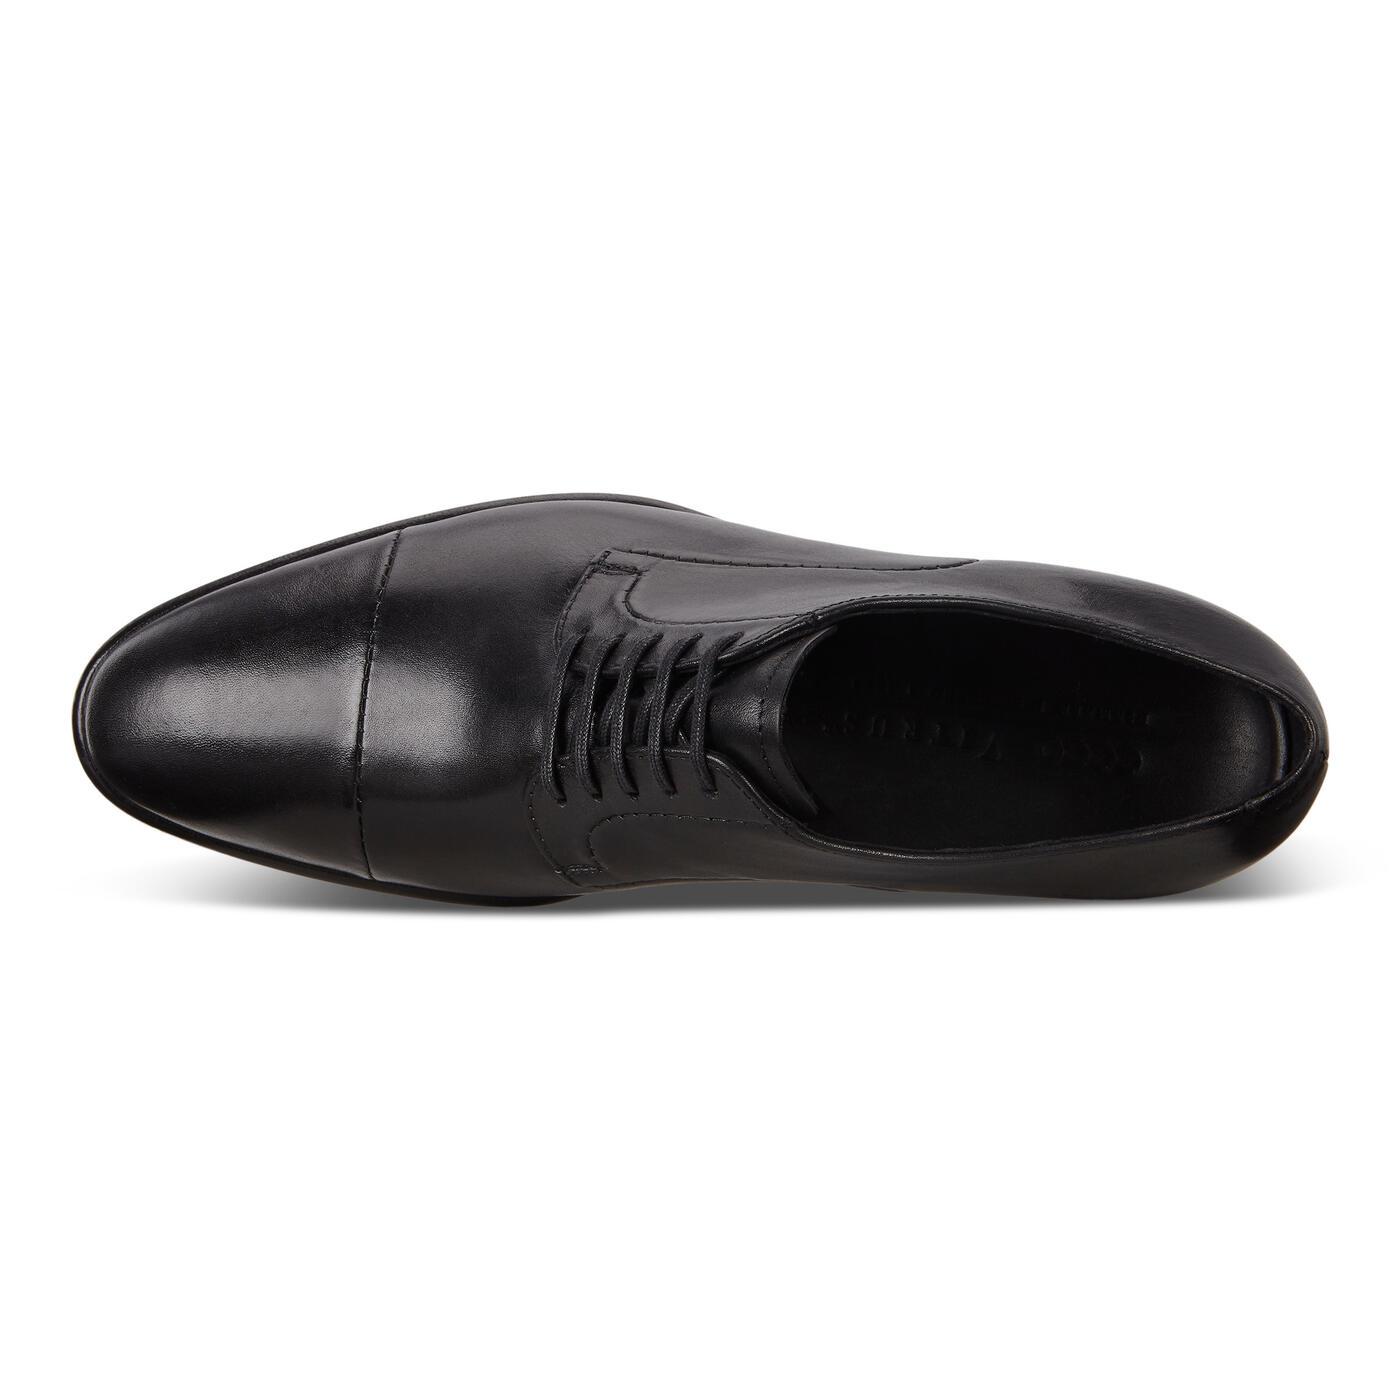 Chaussure ECCO Vitrus Mondial Cap-toe Derby pour hommes